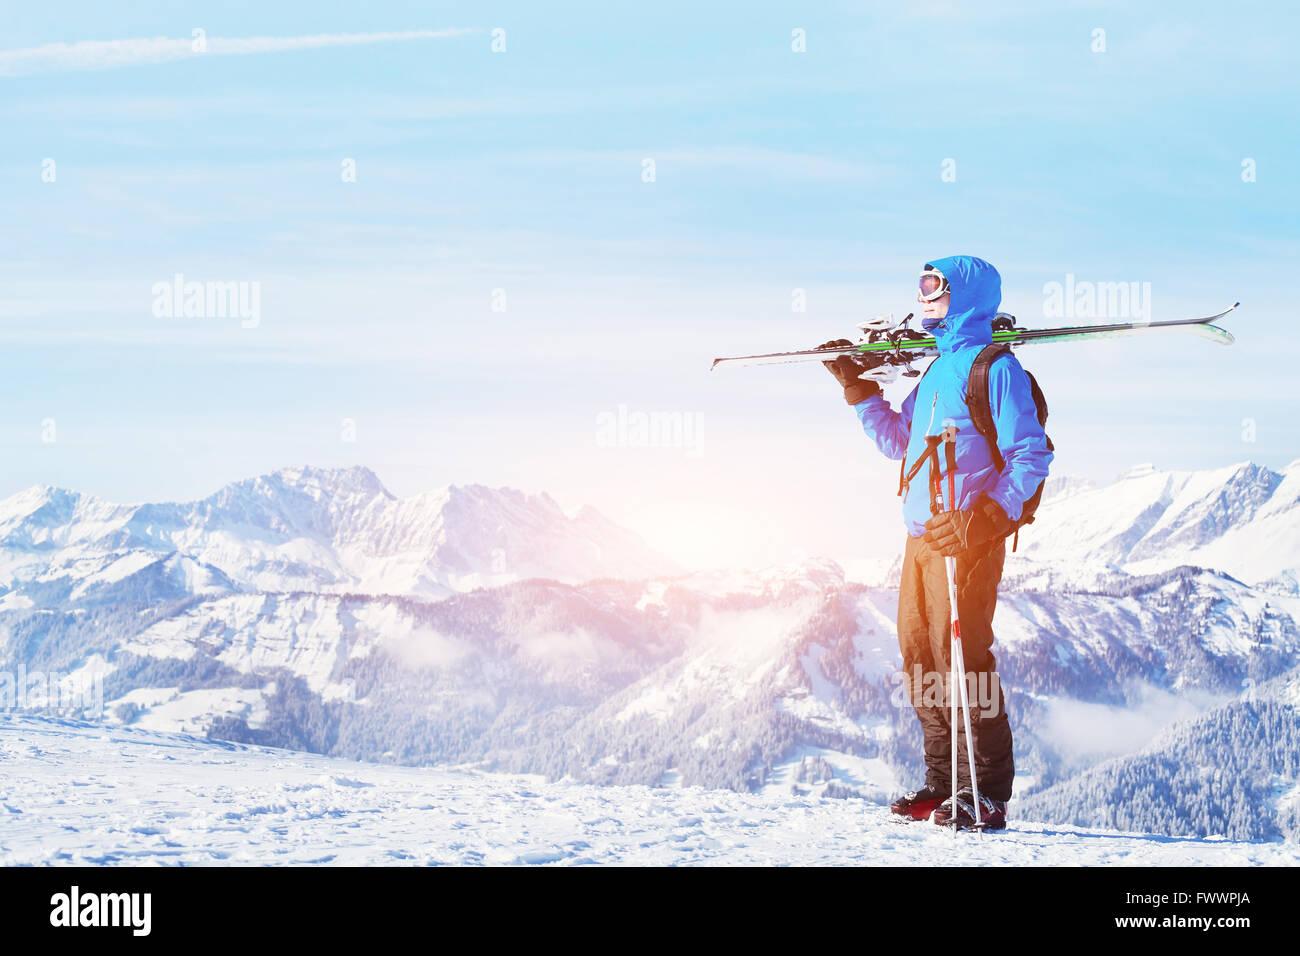 Vacanze invernali, sci fuori pista in montagna, bello sfondo Immagini Stock